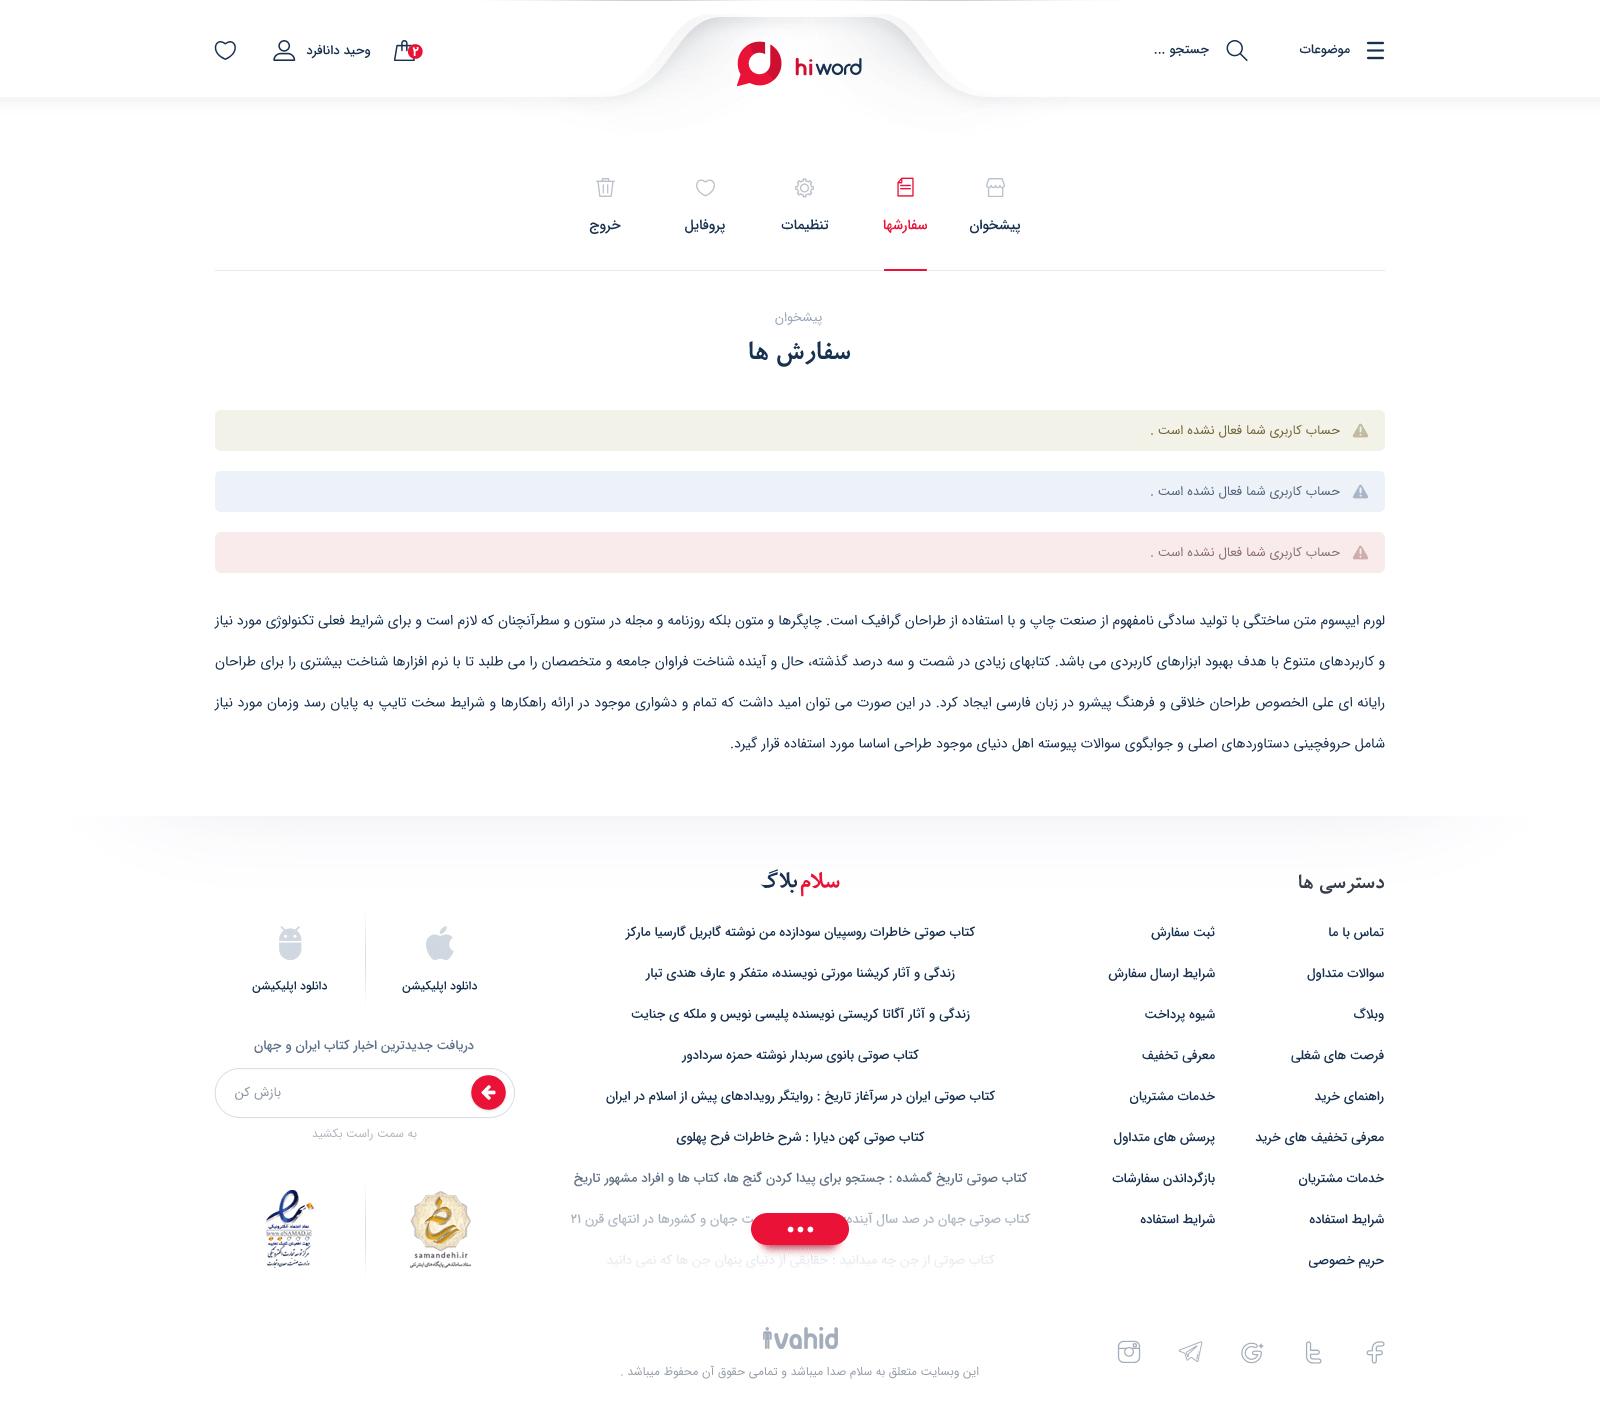 صفحه حساب کاربری